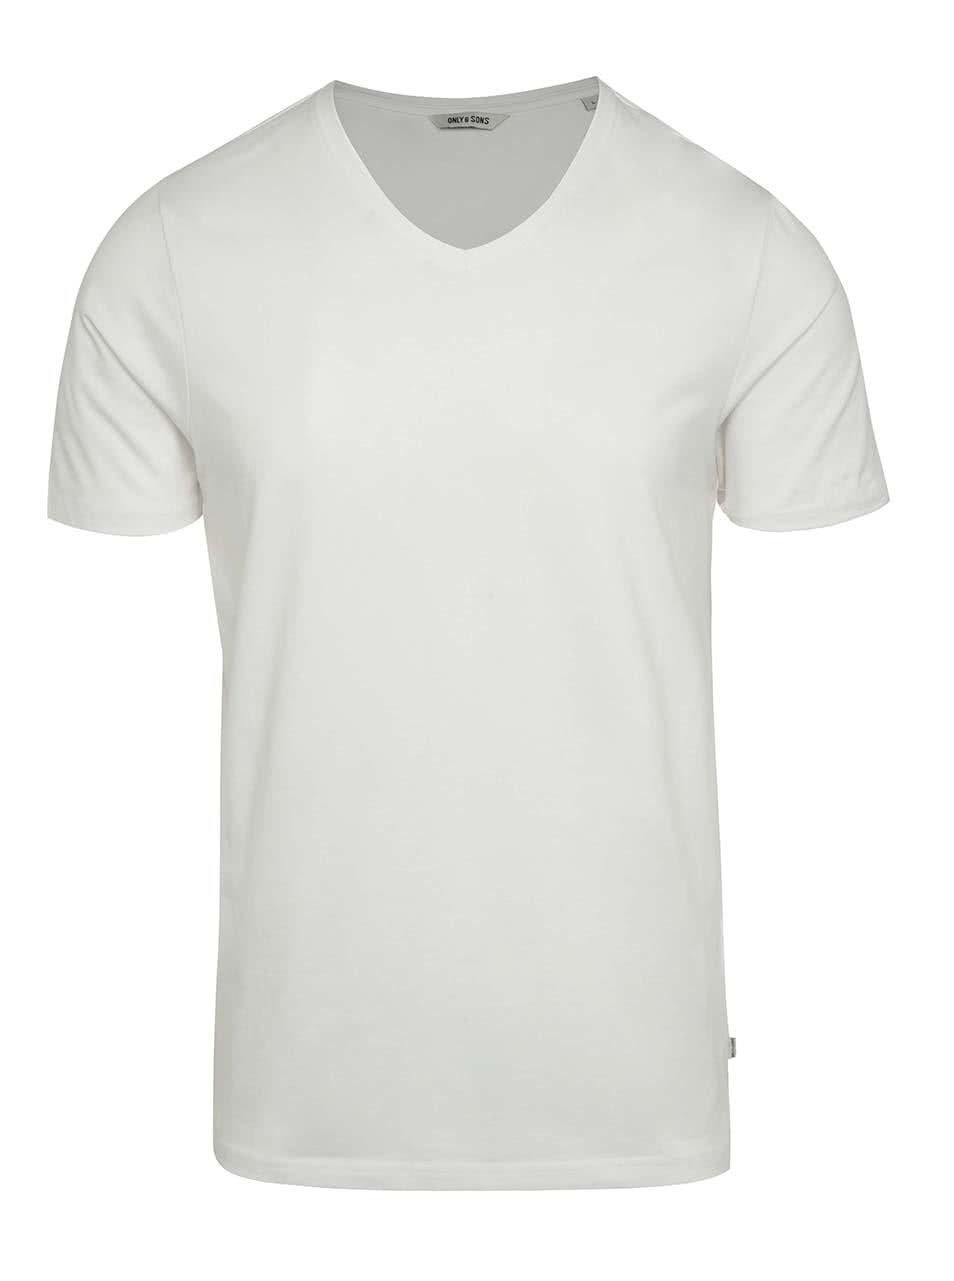 Krémové basic triko s krátkým rukávem ONLY & SONS Basic